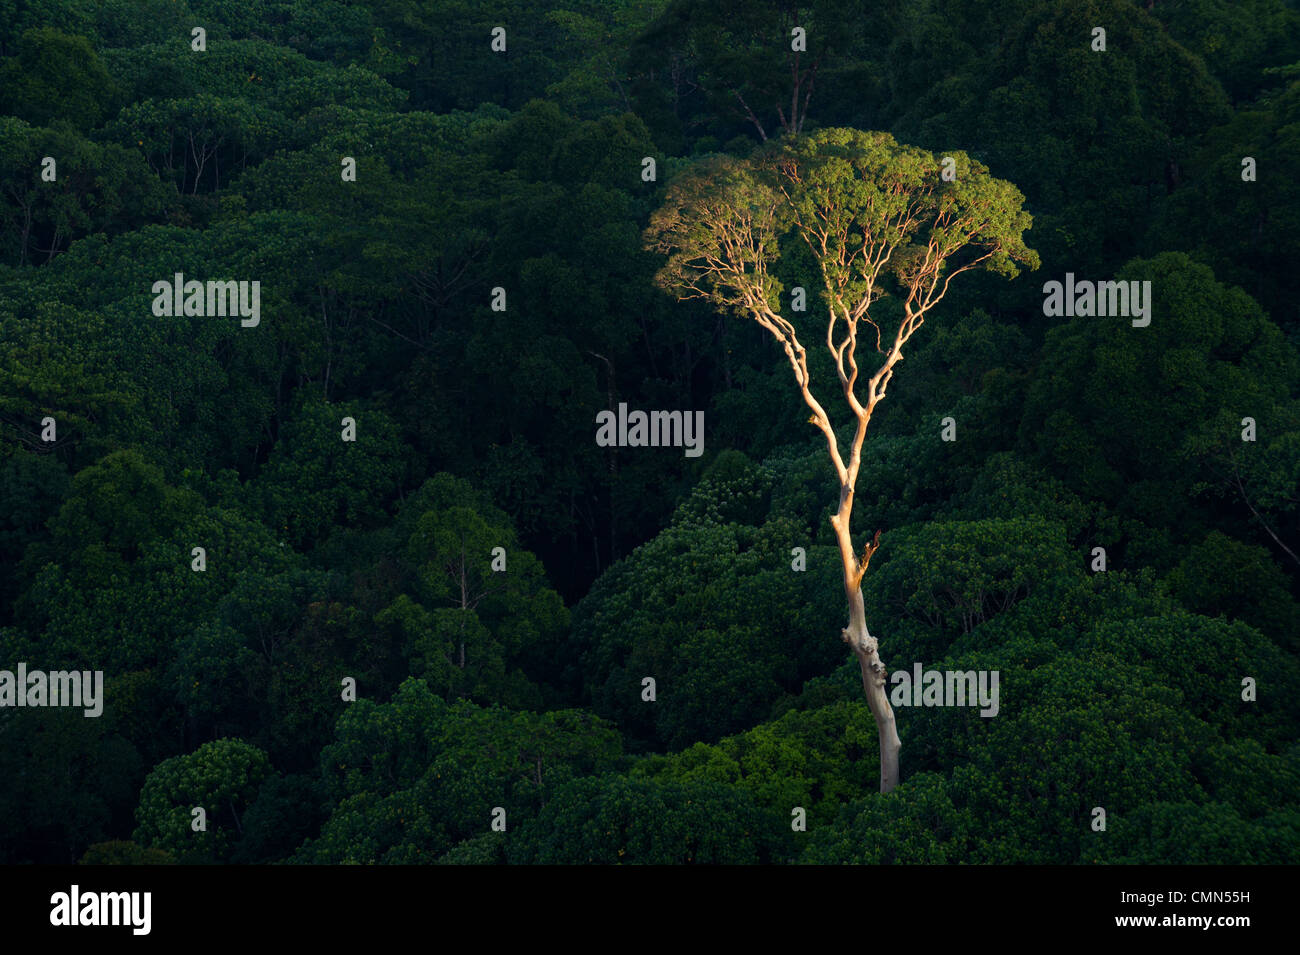 Árbol Menggaris emergentes sobresaliendo del dosel del bosque Dipterocarp de tierras bajas. Corazón del Imagen De Stock